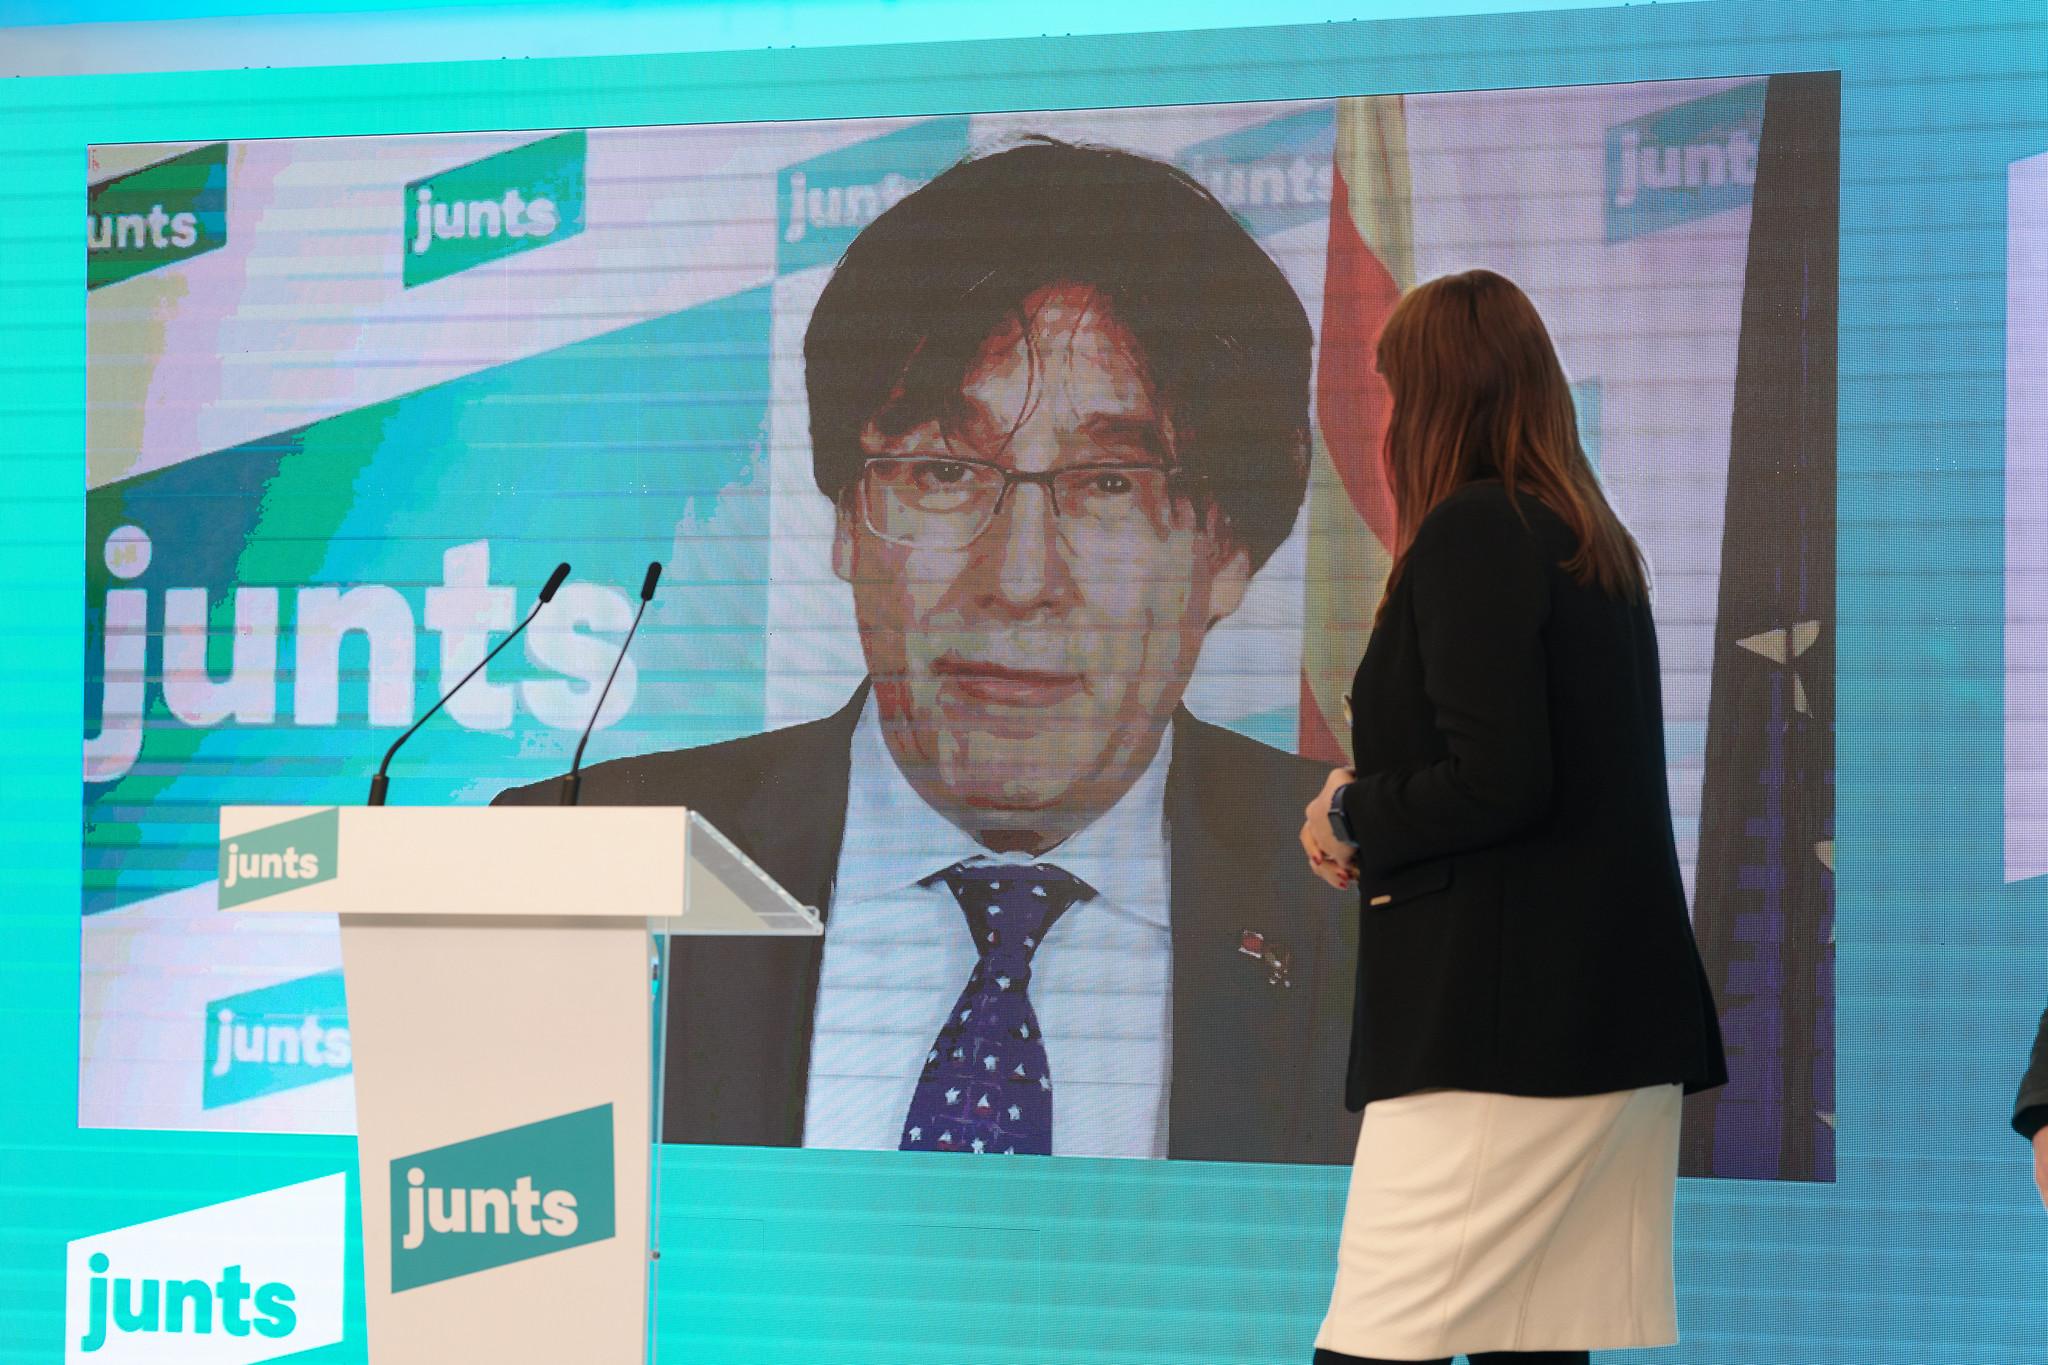 La líder de Junts per Catalunya en el Parlament, Laura Borràs, frente a una pantalla con el prófugo Carles Puigdemont / JxCat